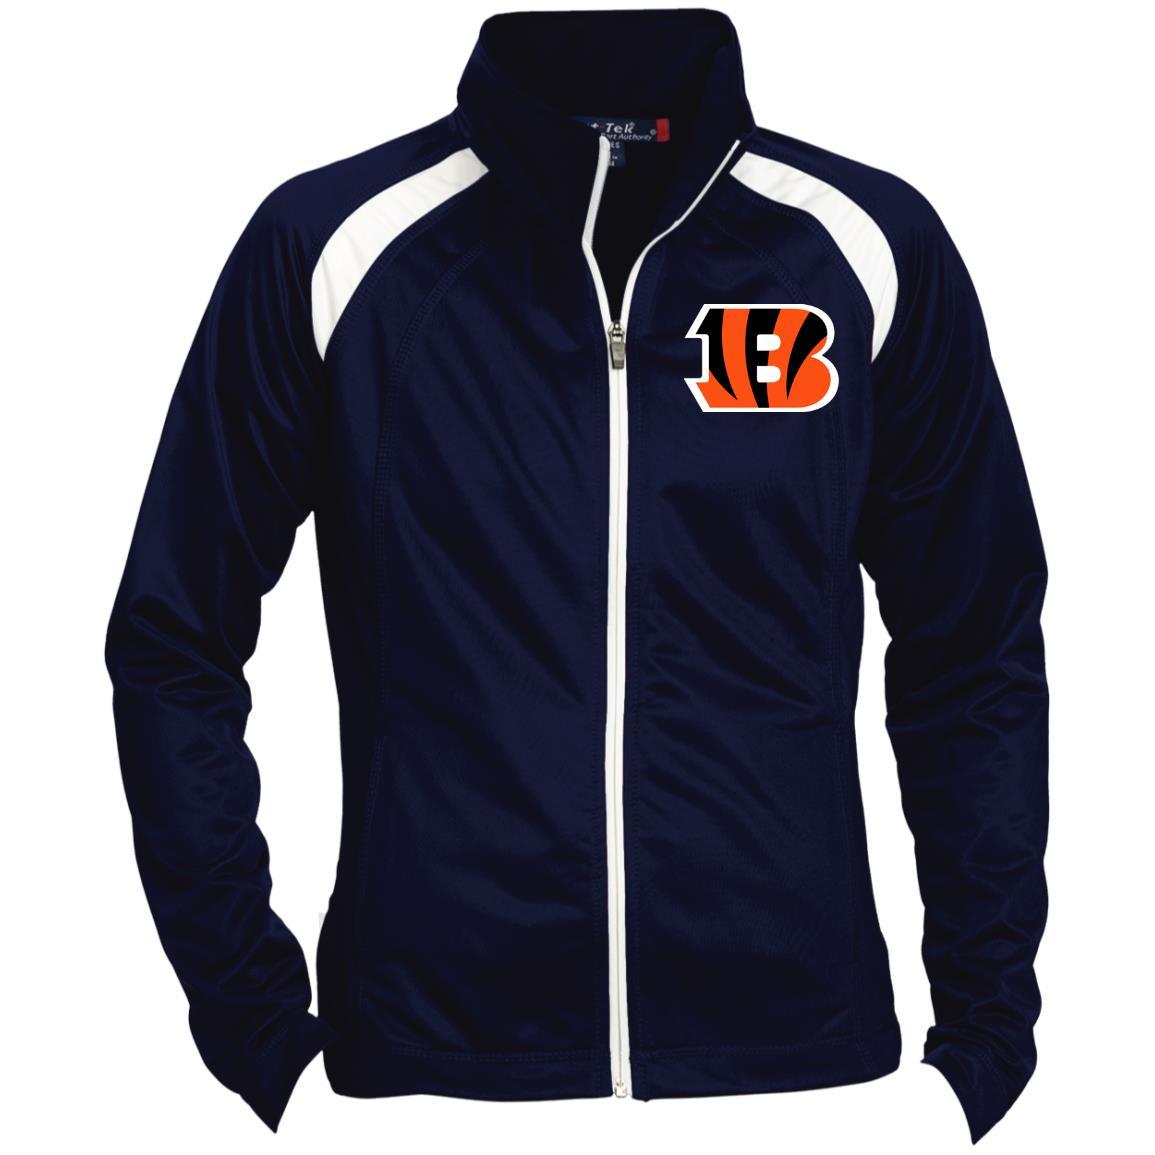 Private: Cincinnati Bengals Ladies' Raglan Sleeve Warmup Jacket